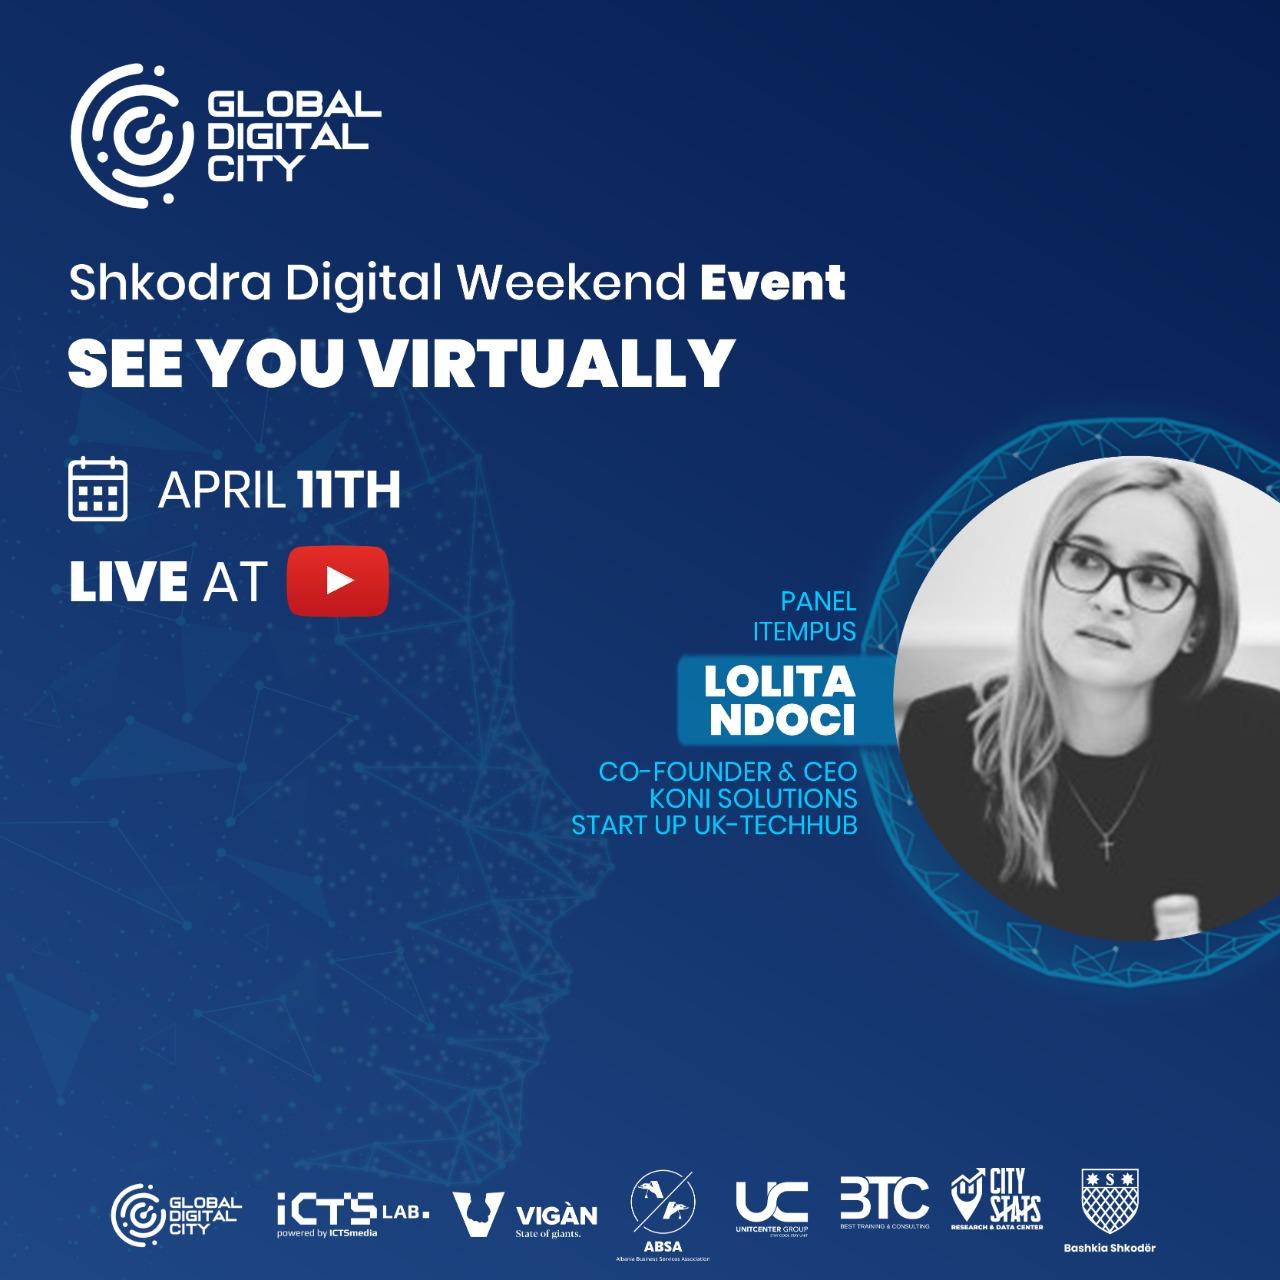 Lolita Ndoci Koni Solutions Shkodra Digital Weekend